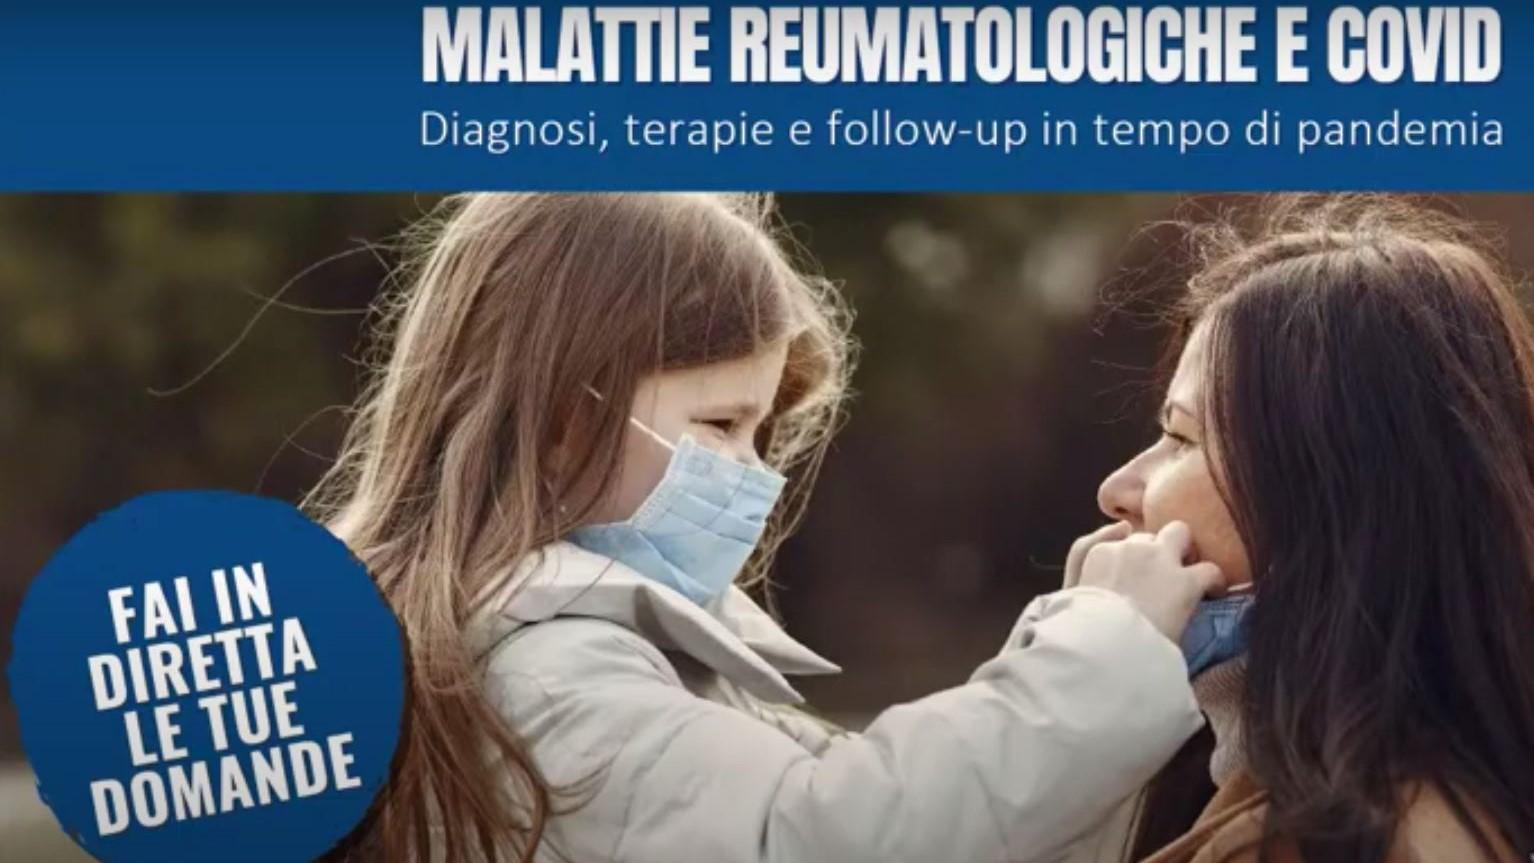 Malattie reumatologiche e covid: diagnosi, terapie e follow up il tempo di pandemia